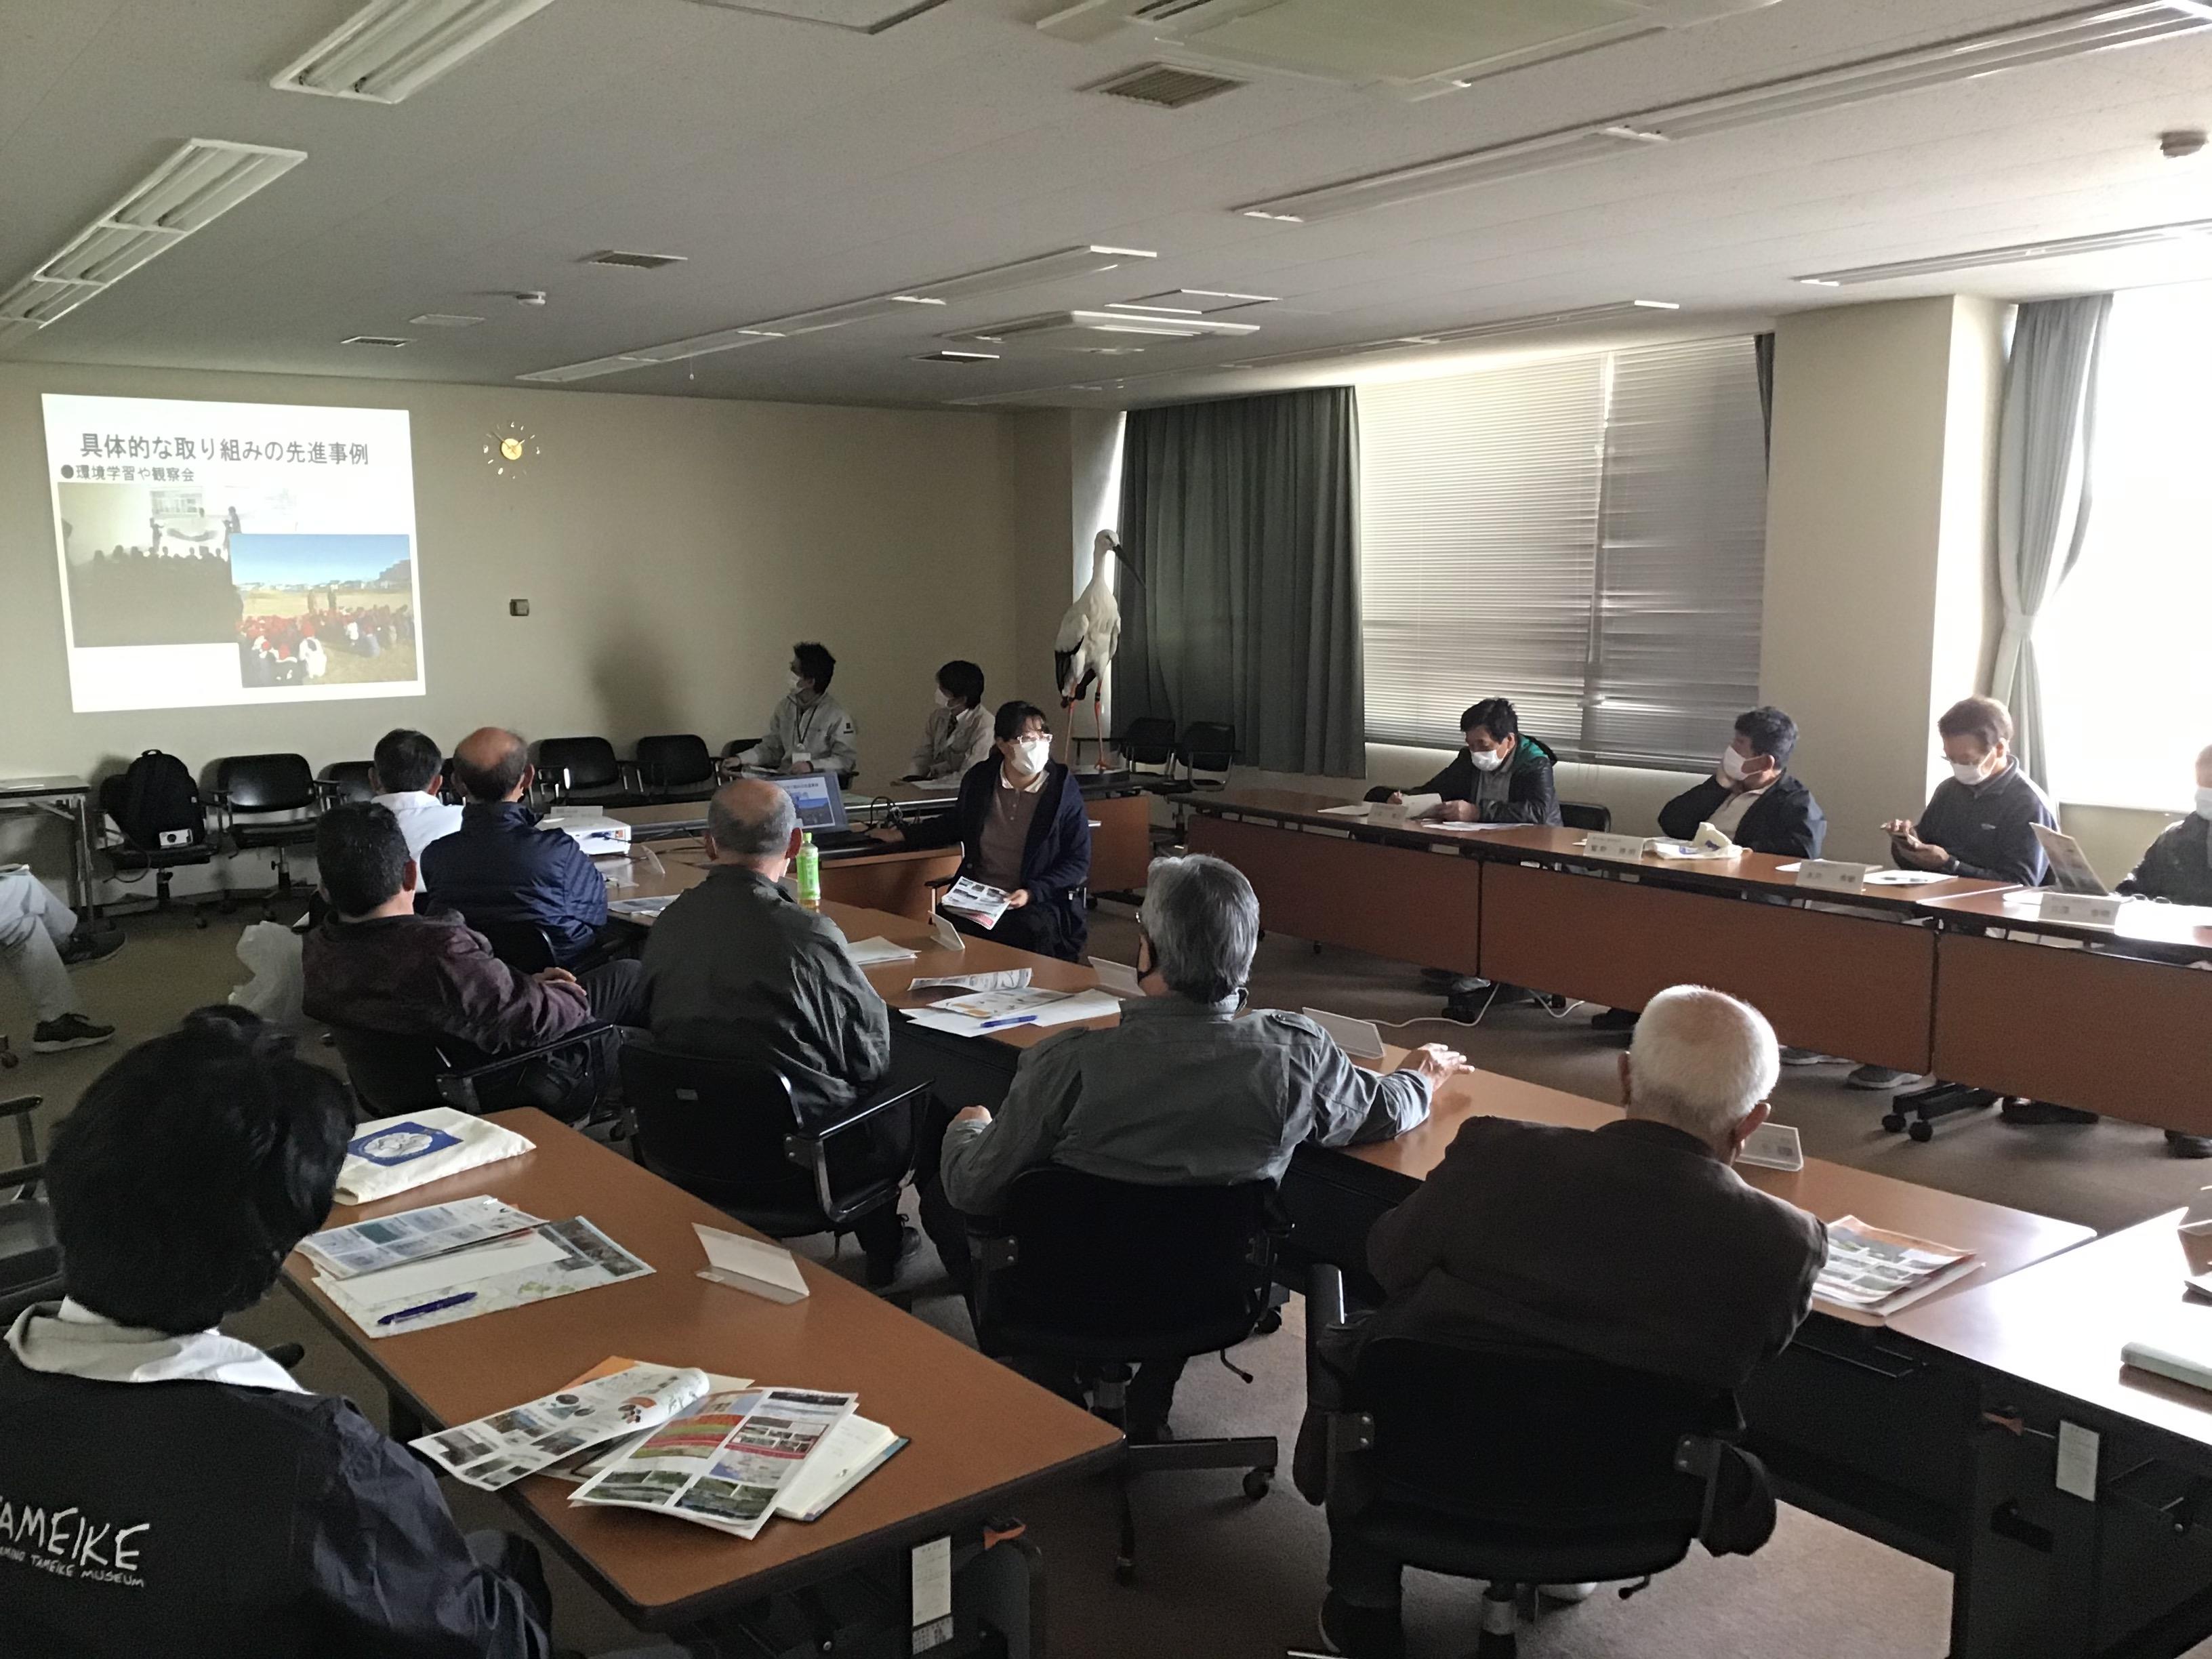 いなみ野ため池ミュージアム運営協議会「ため池」地域コーディネーターの中村さんがコウノトリの生態等説明。